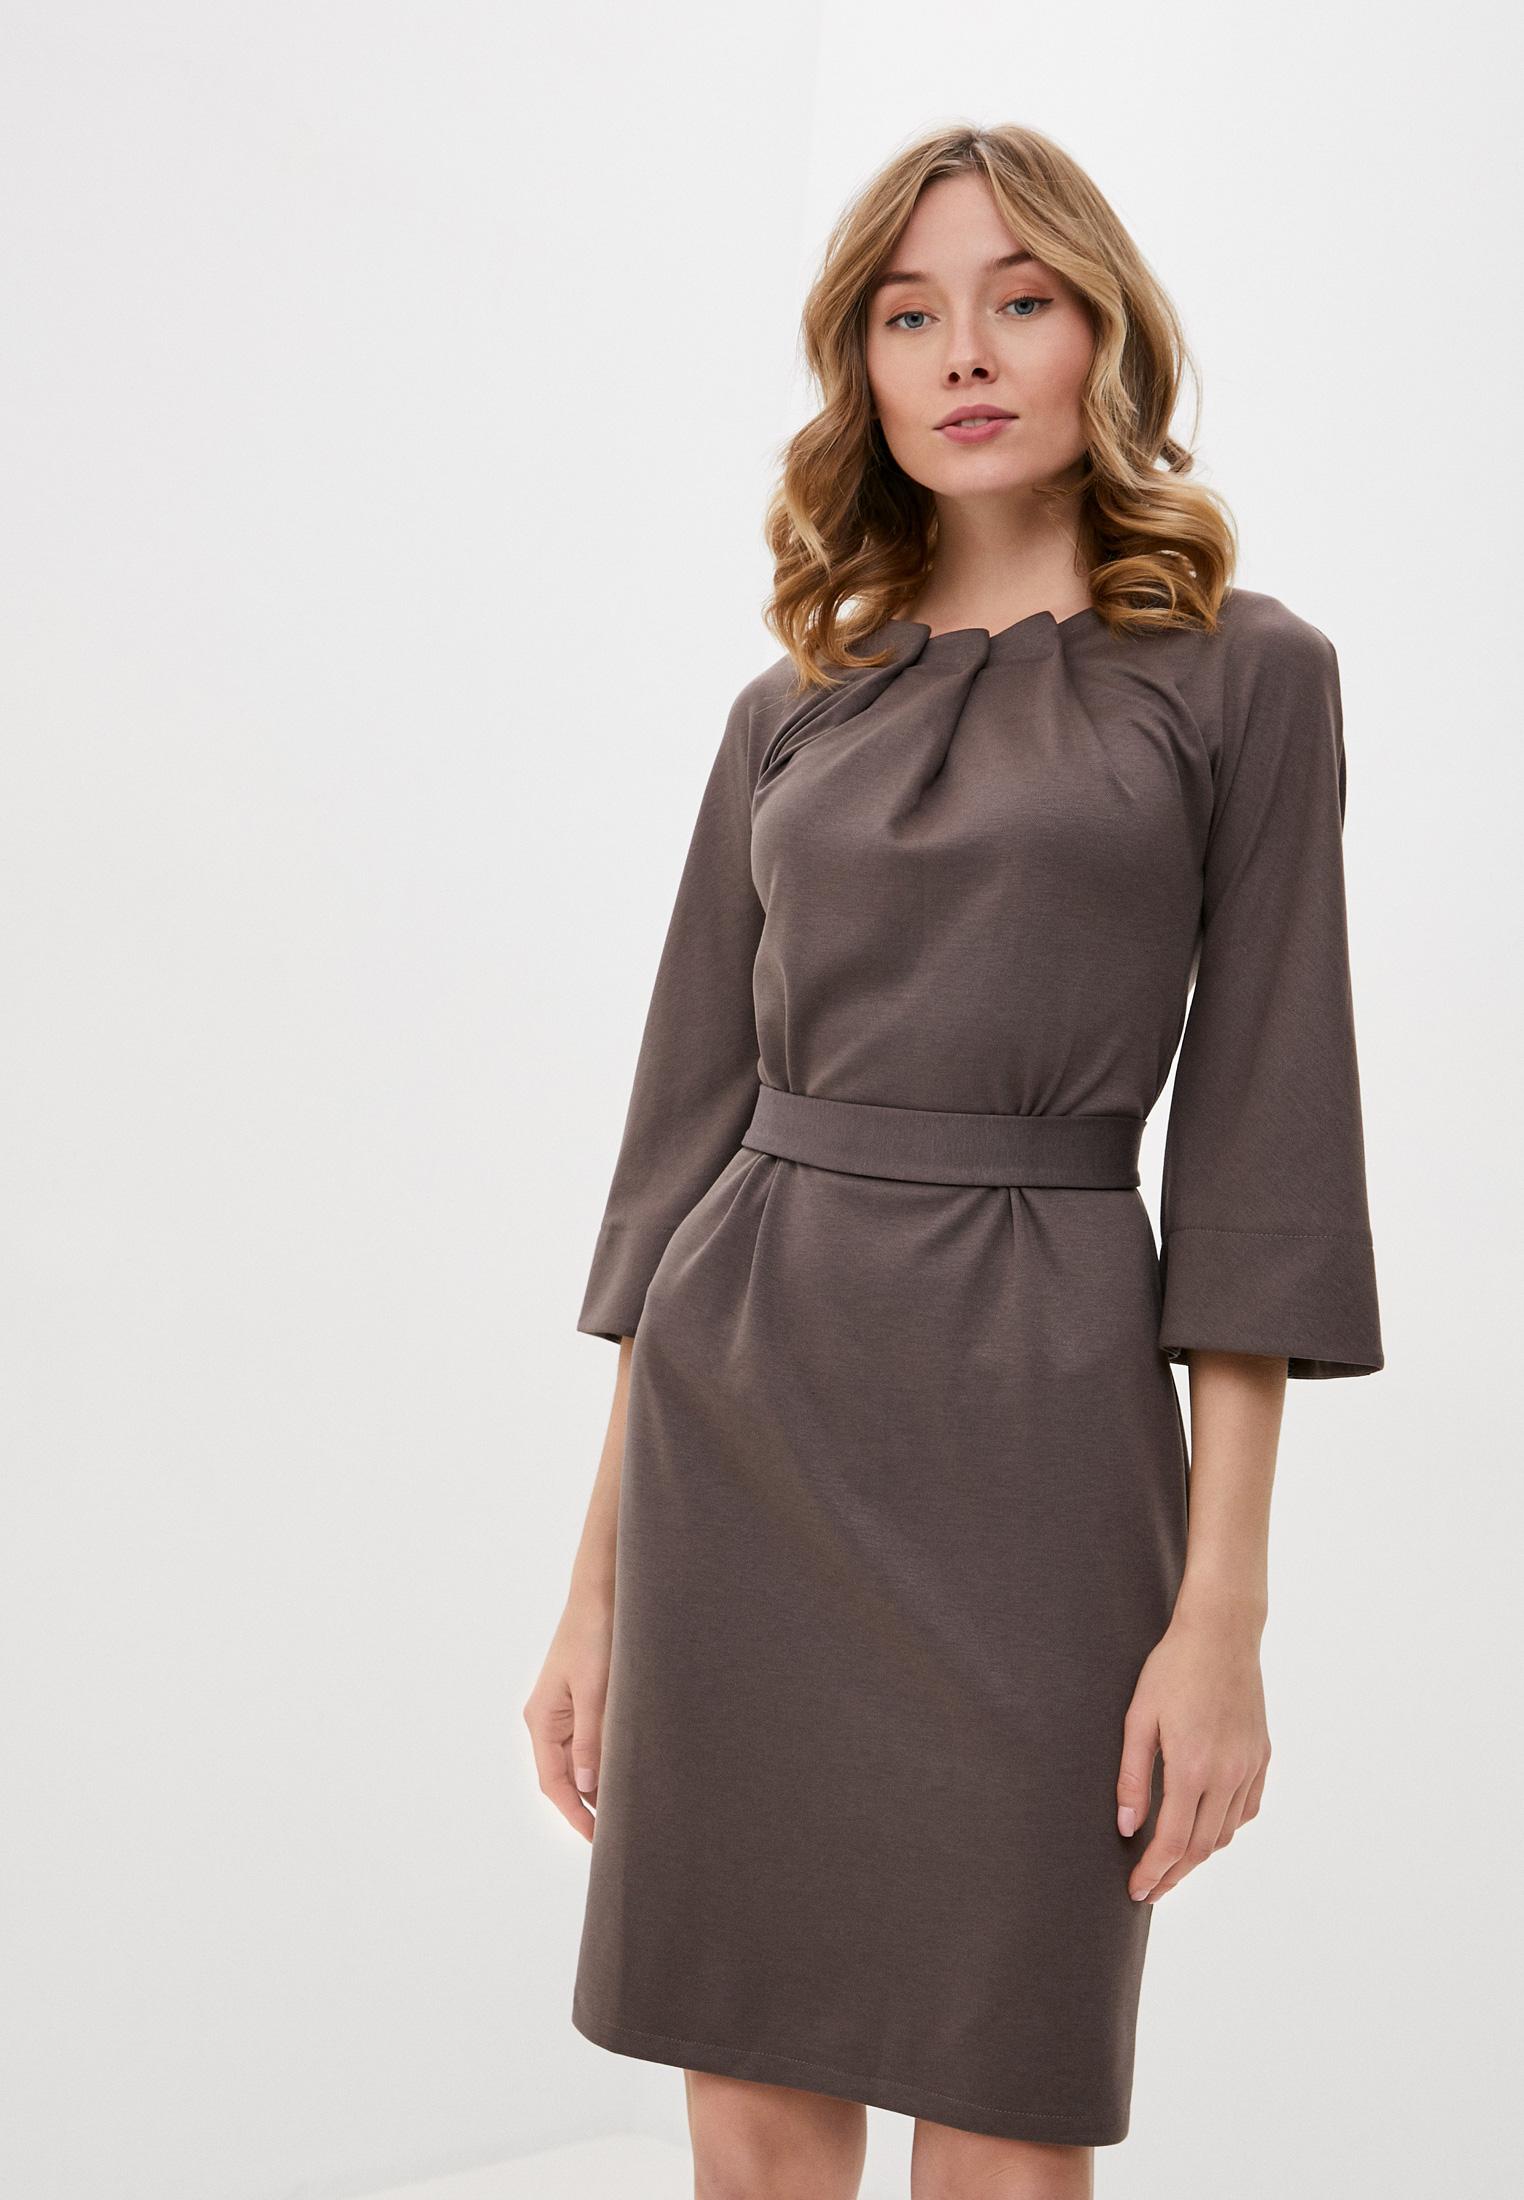 Повседневное платье Alina Assi 11-502-206-Beige-L: изображение 2